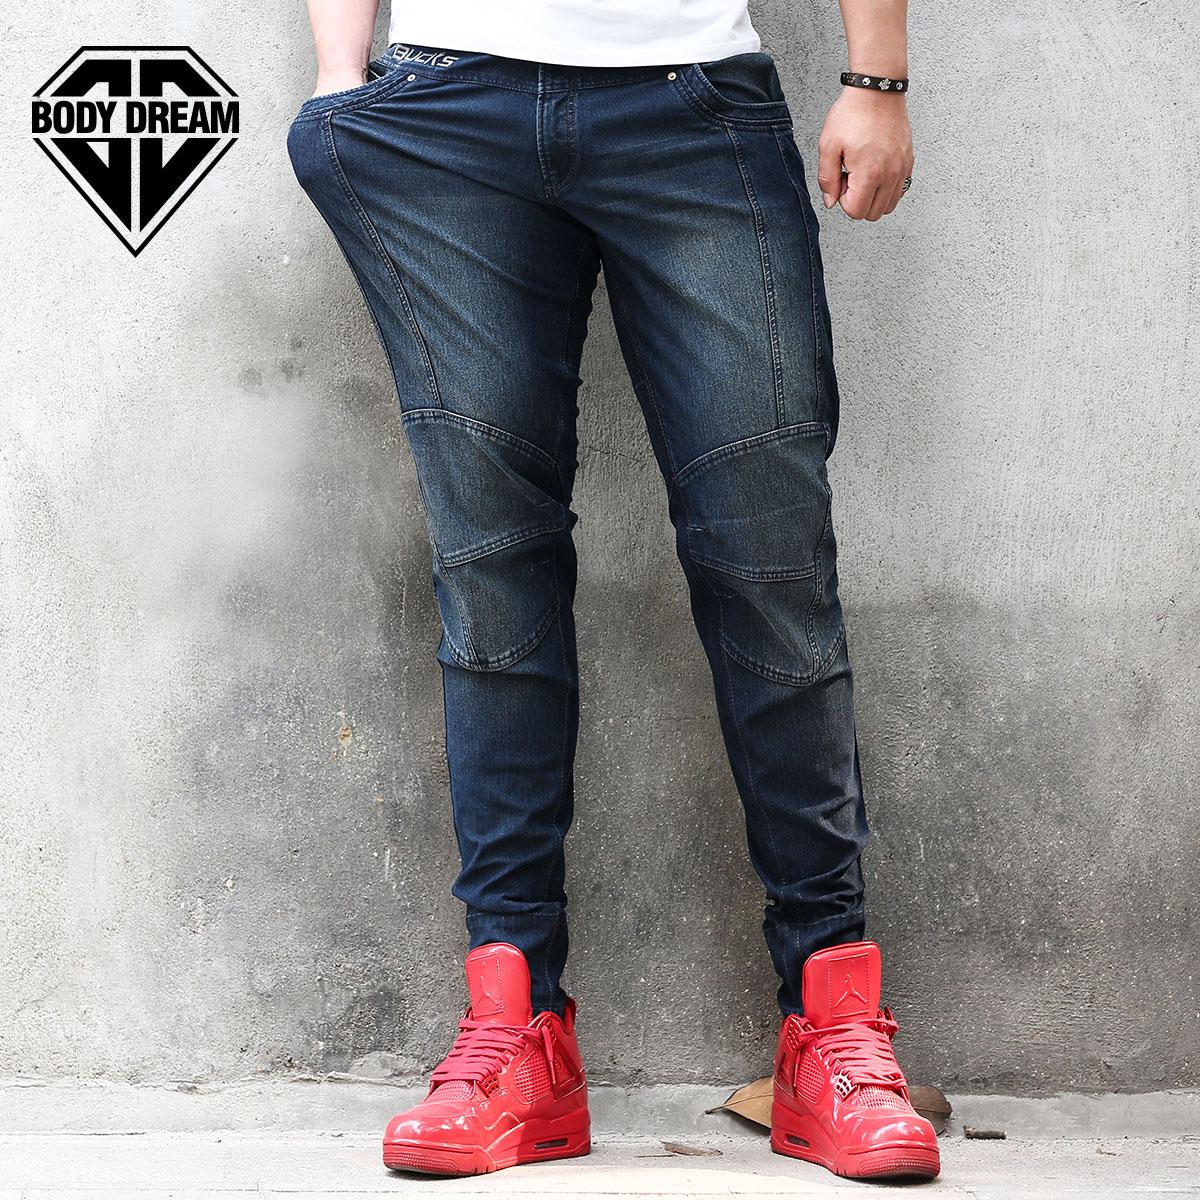 BodyDream фитнес весна джинсы мужчина слим небольшой ступня воздухопроницаемый движение эластичный большой код случайный брюки